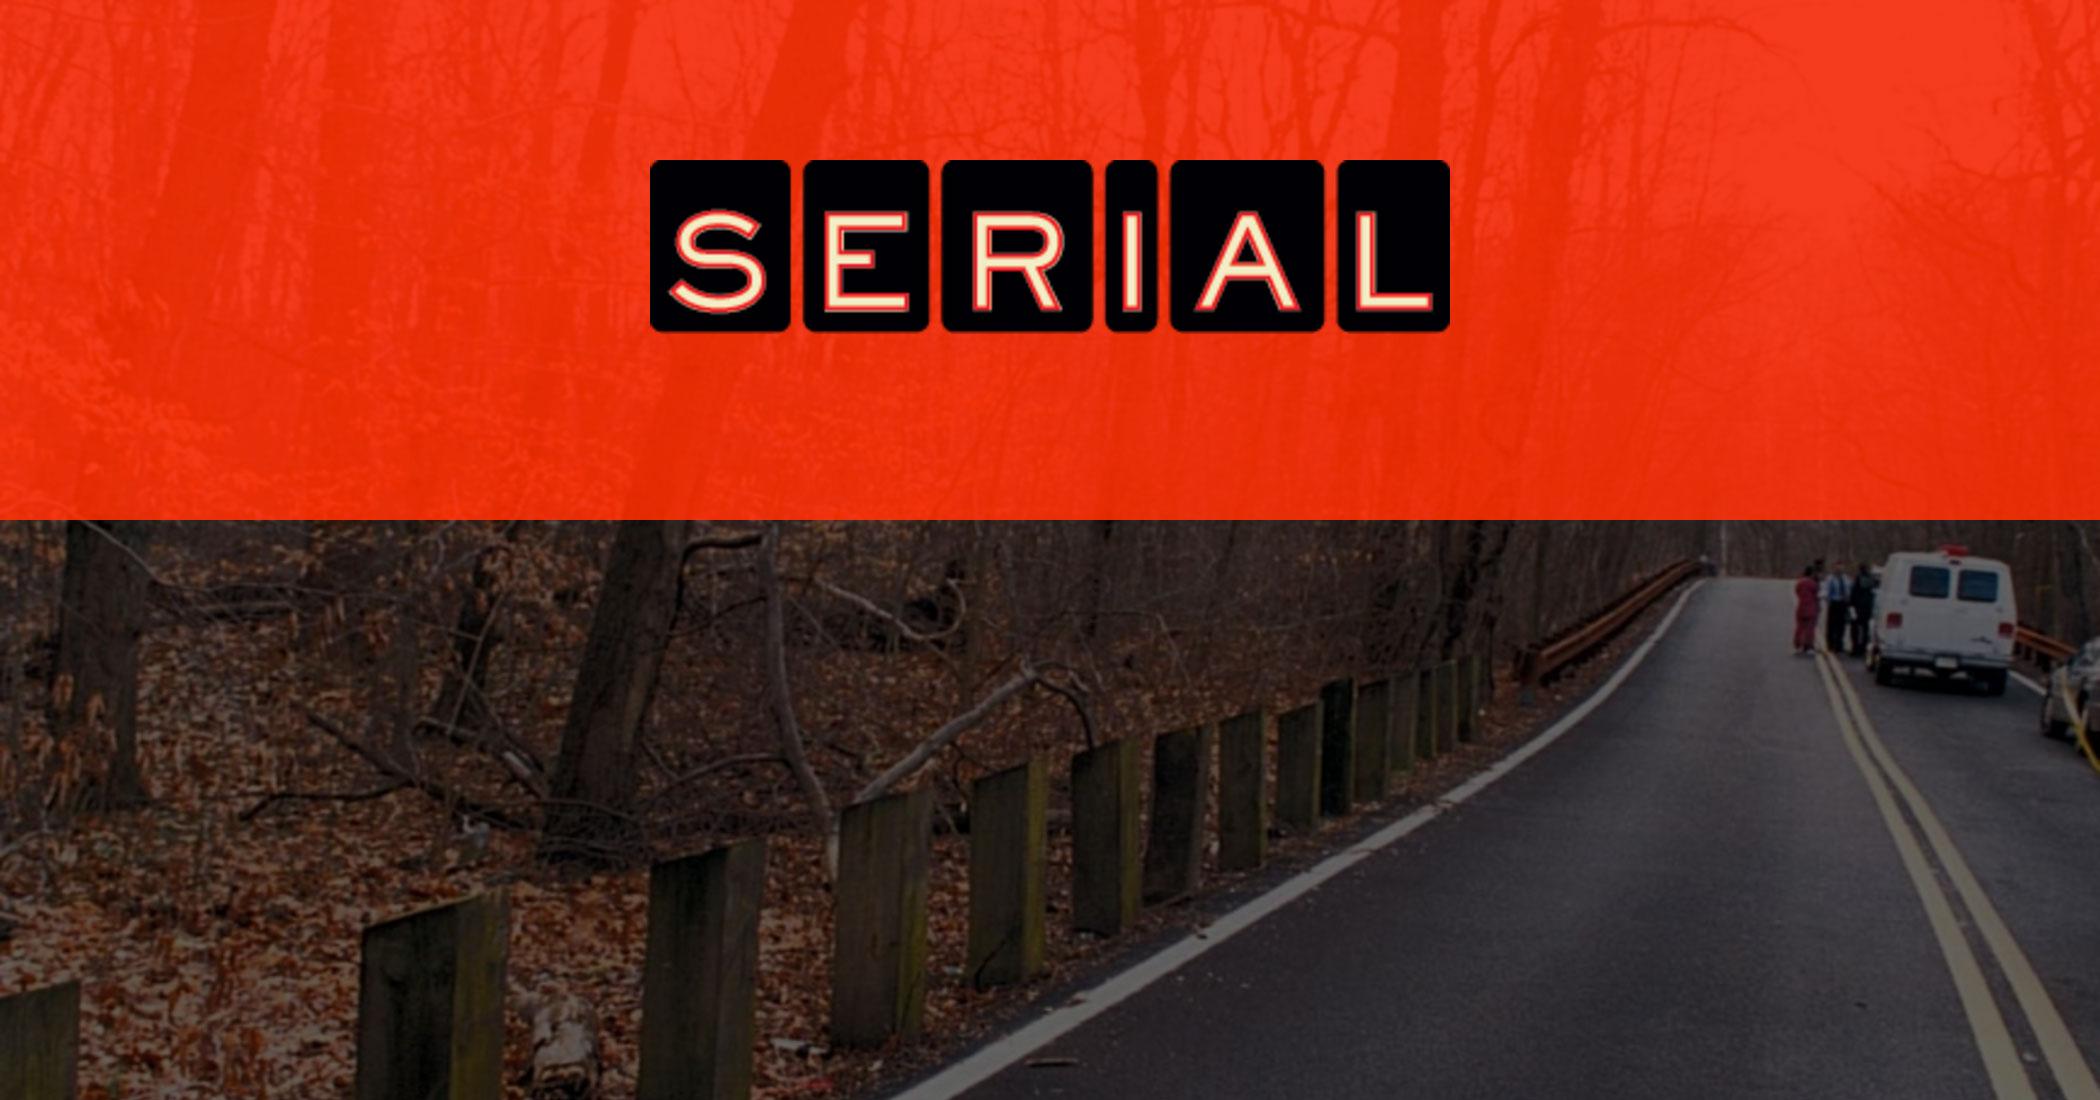 Episode 04: Inconsistencies - Serial